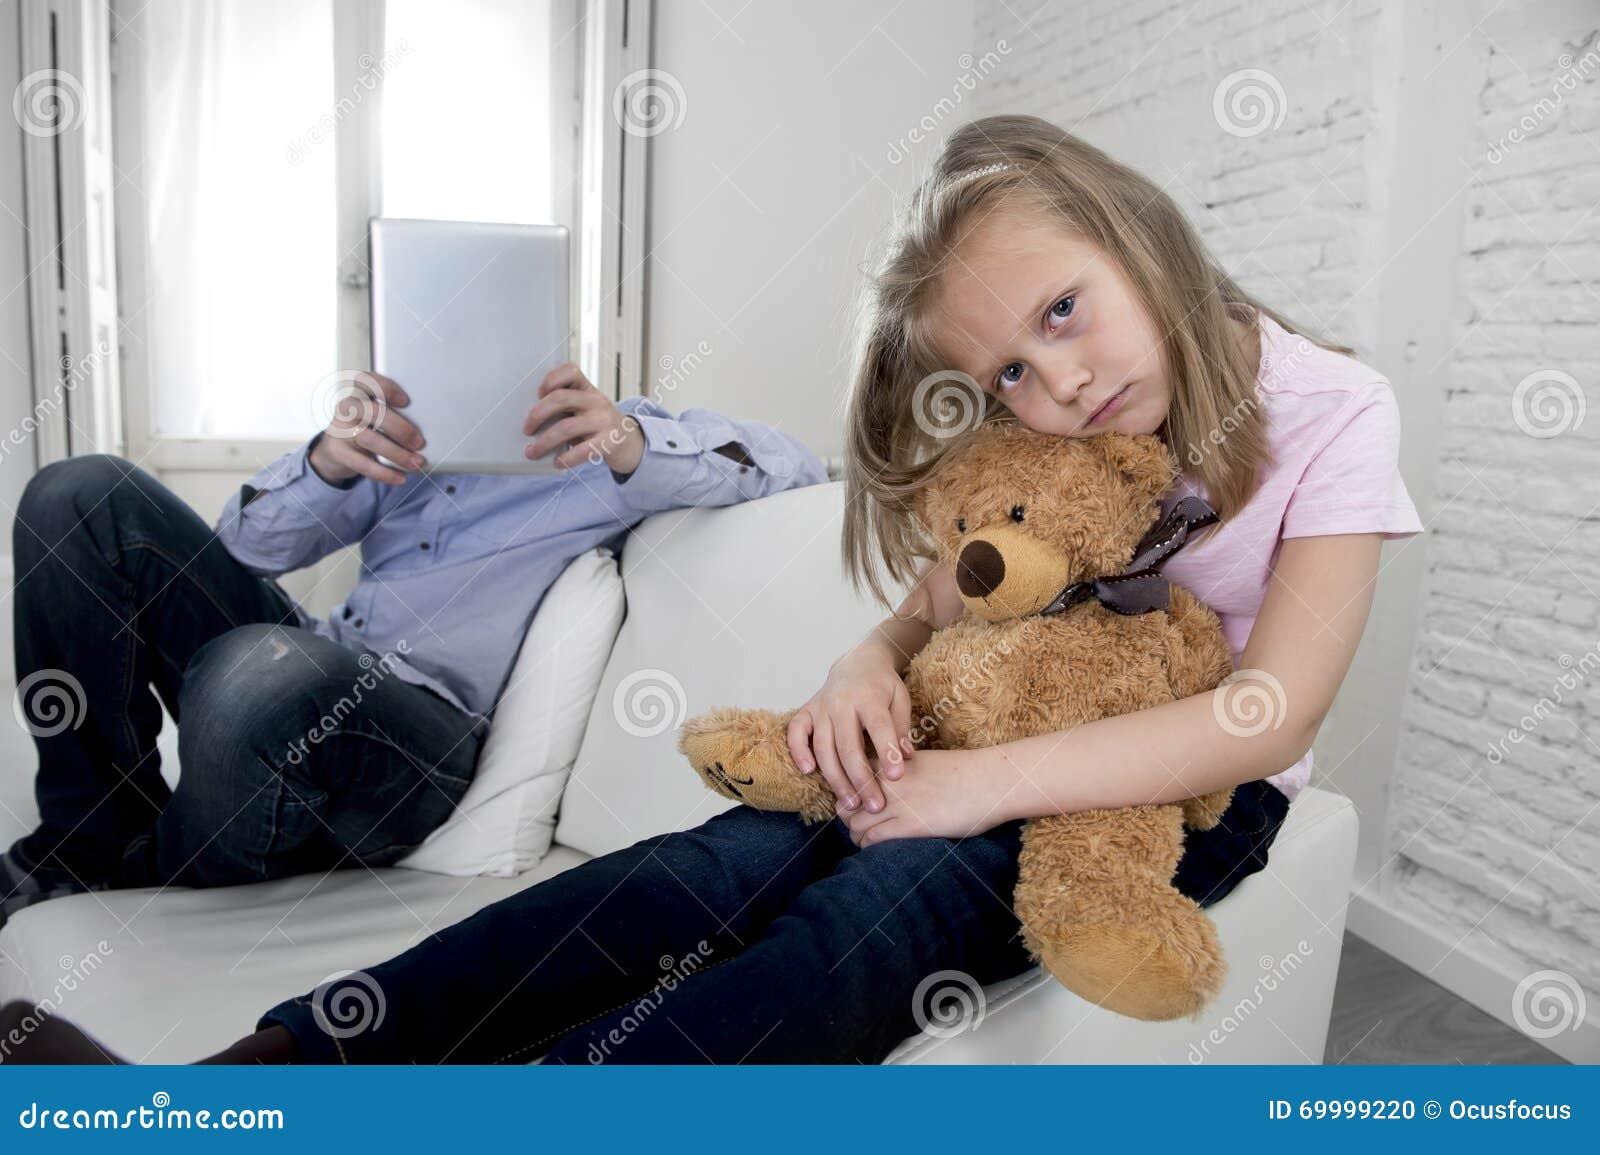 互联网使用数字式片剂垫的上瘾者父亲忽略小哀伤的女儿使拥抱玩具熊不耐烦